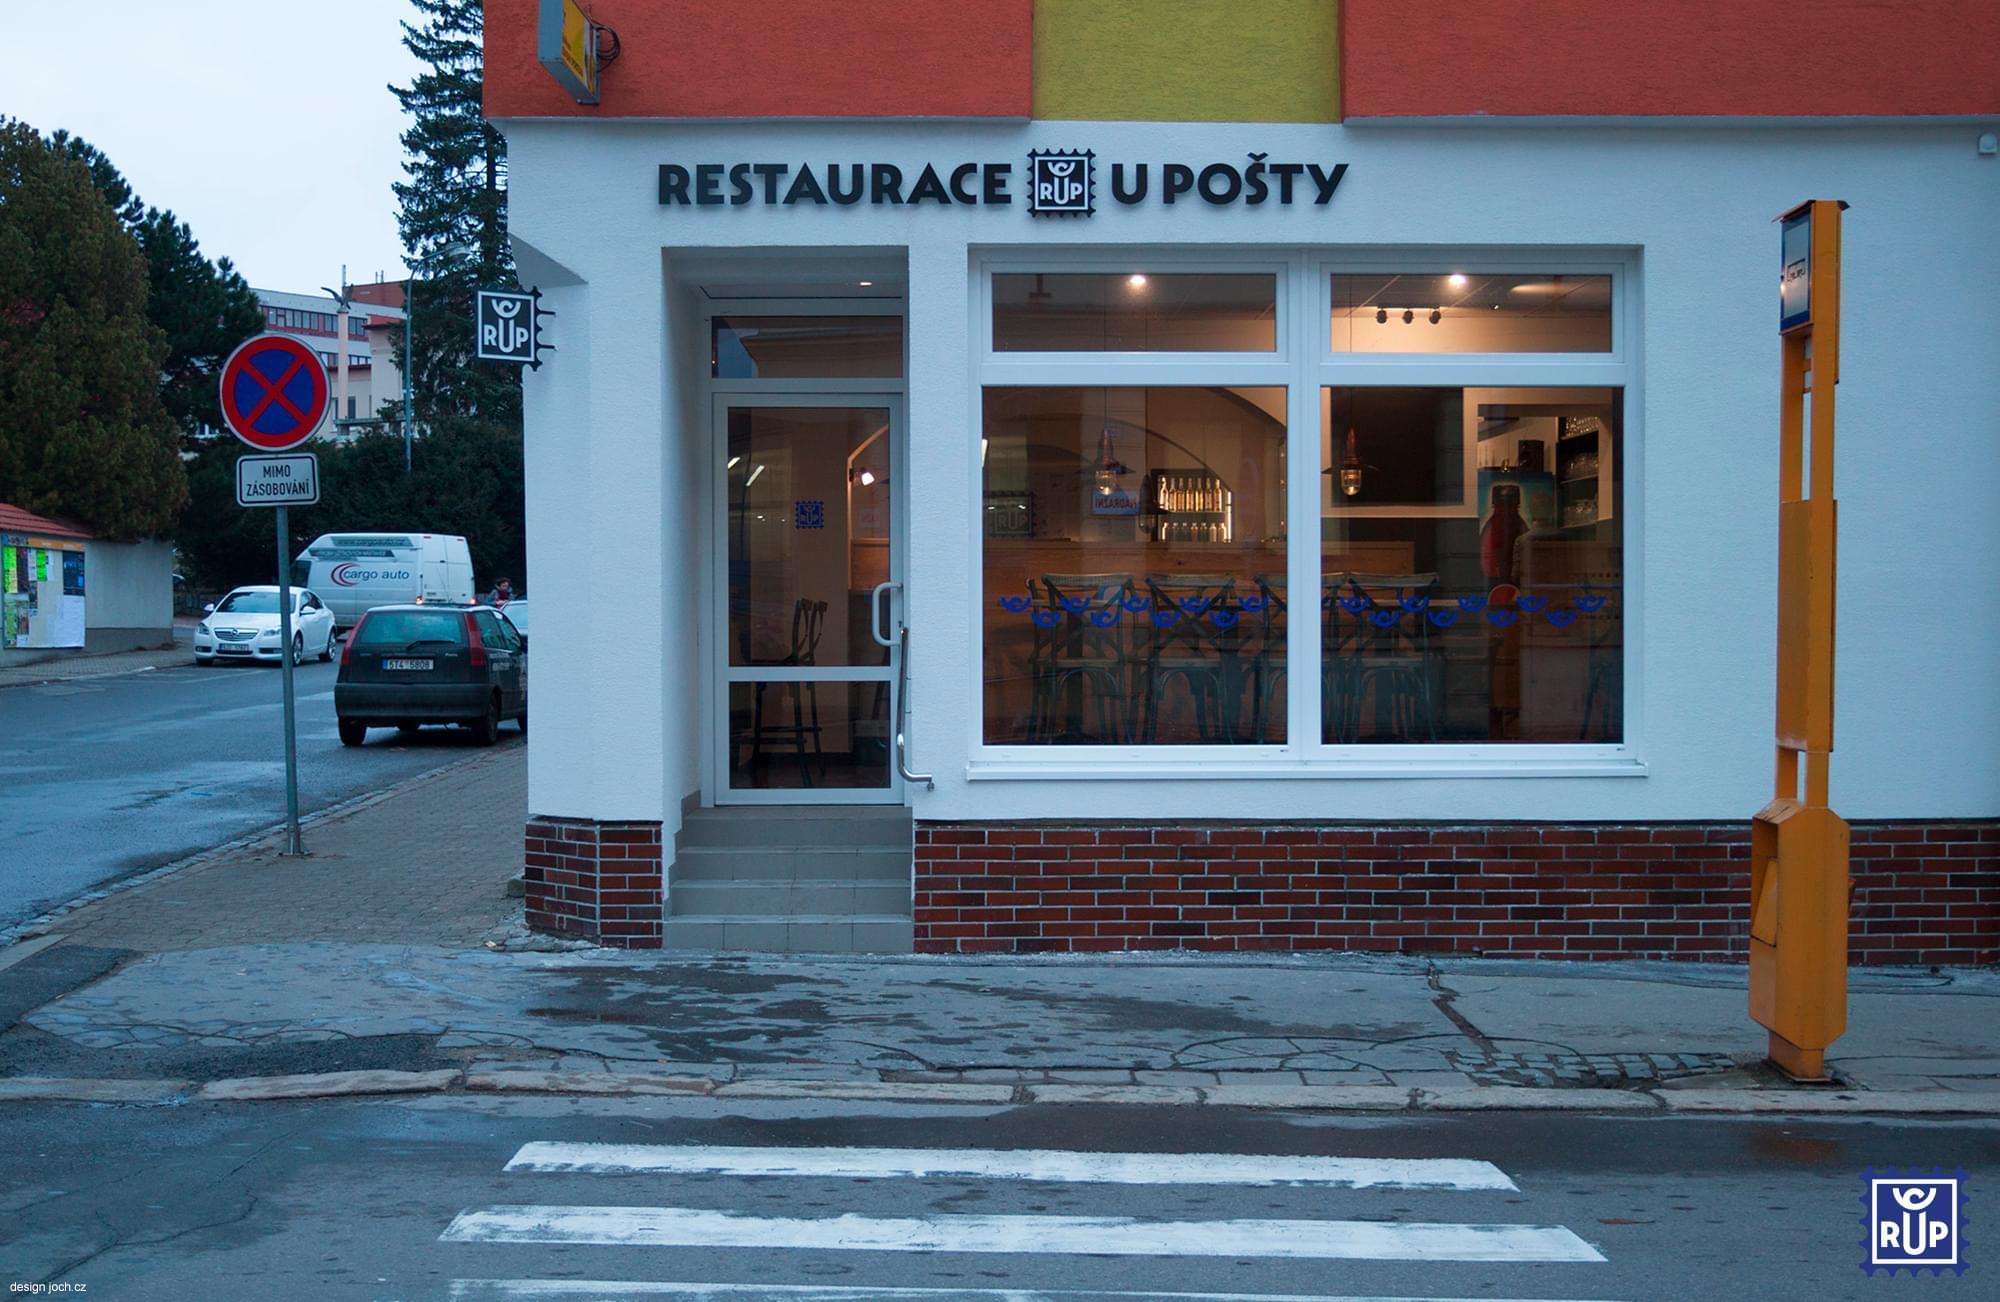 RUP - Restaurace u pošty Žďár nad Sázavou